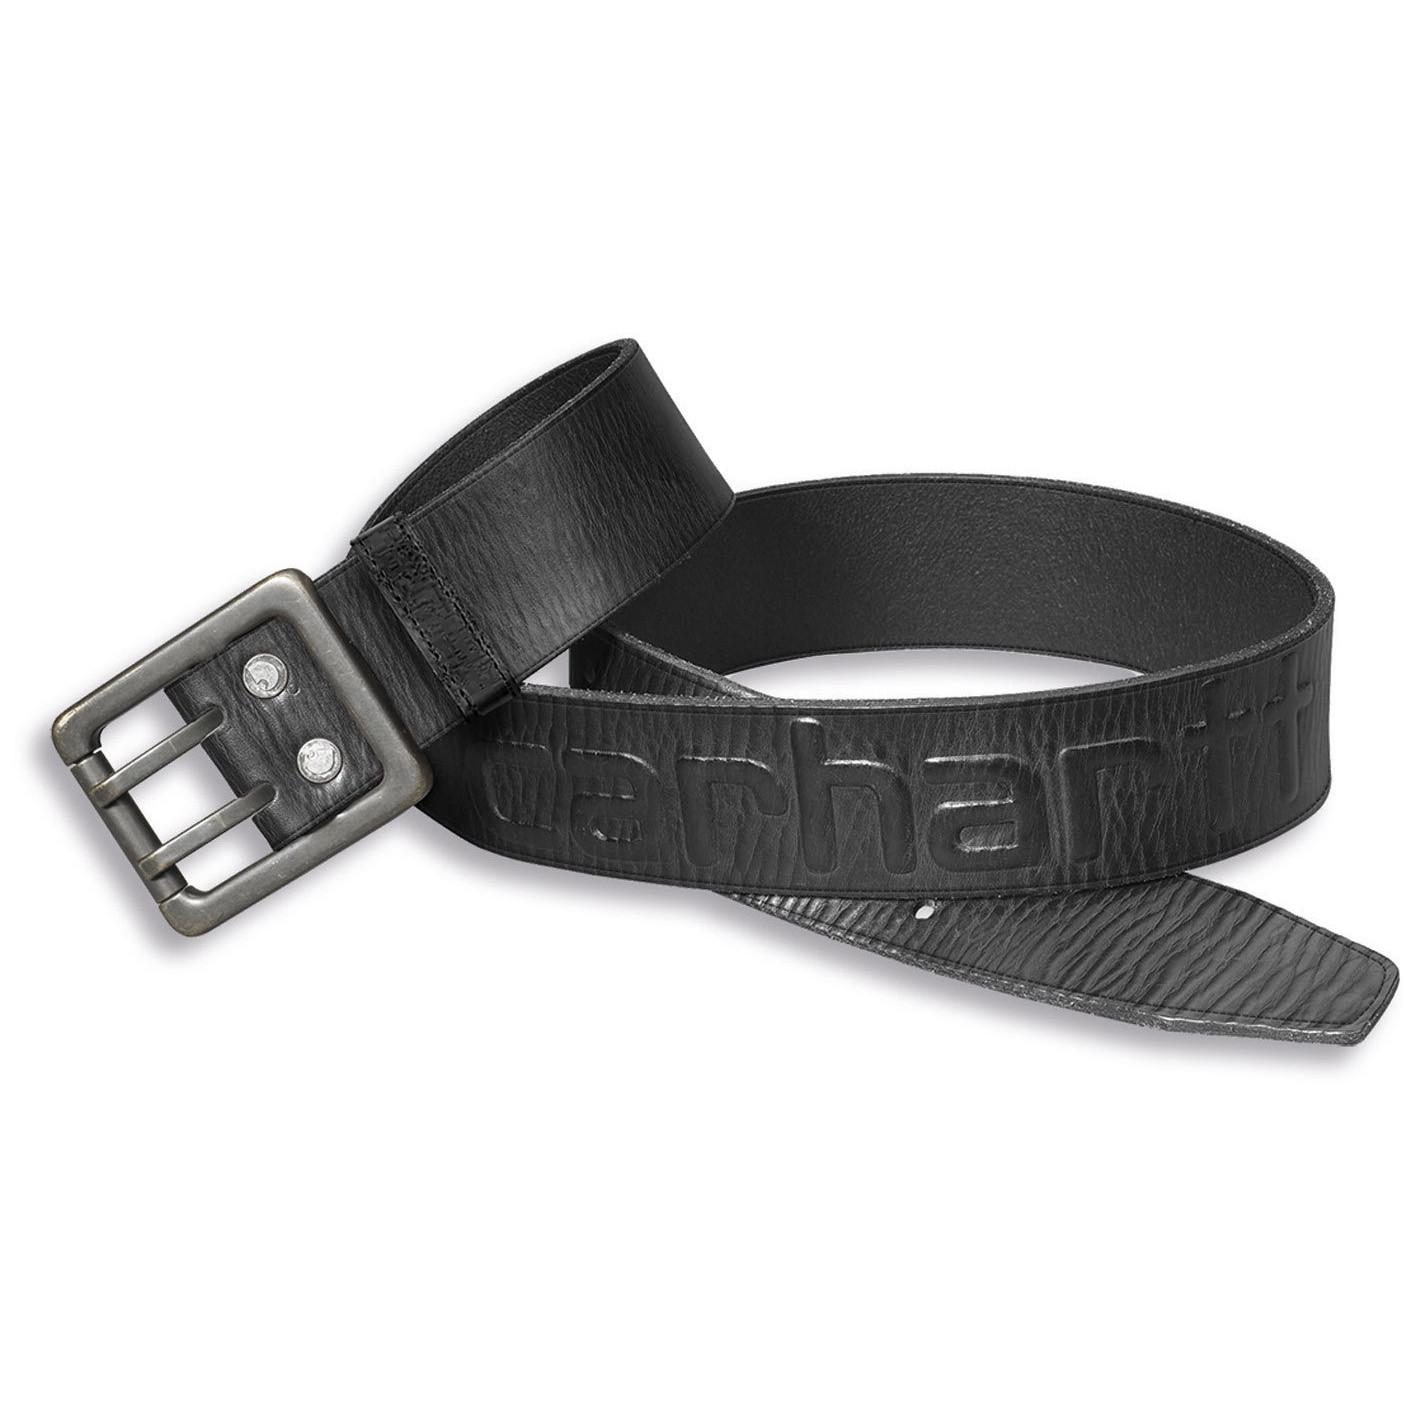 Ремень кожаный Carhartt Logo Belt - 2217 (Black, W34)